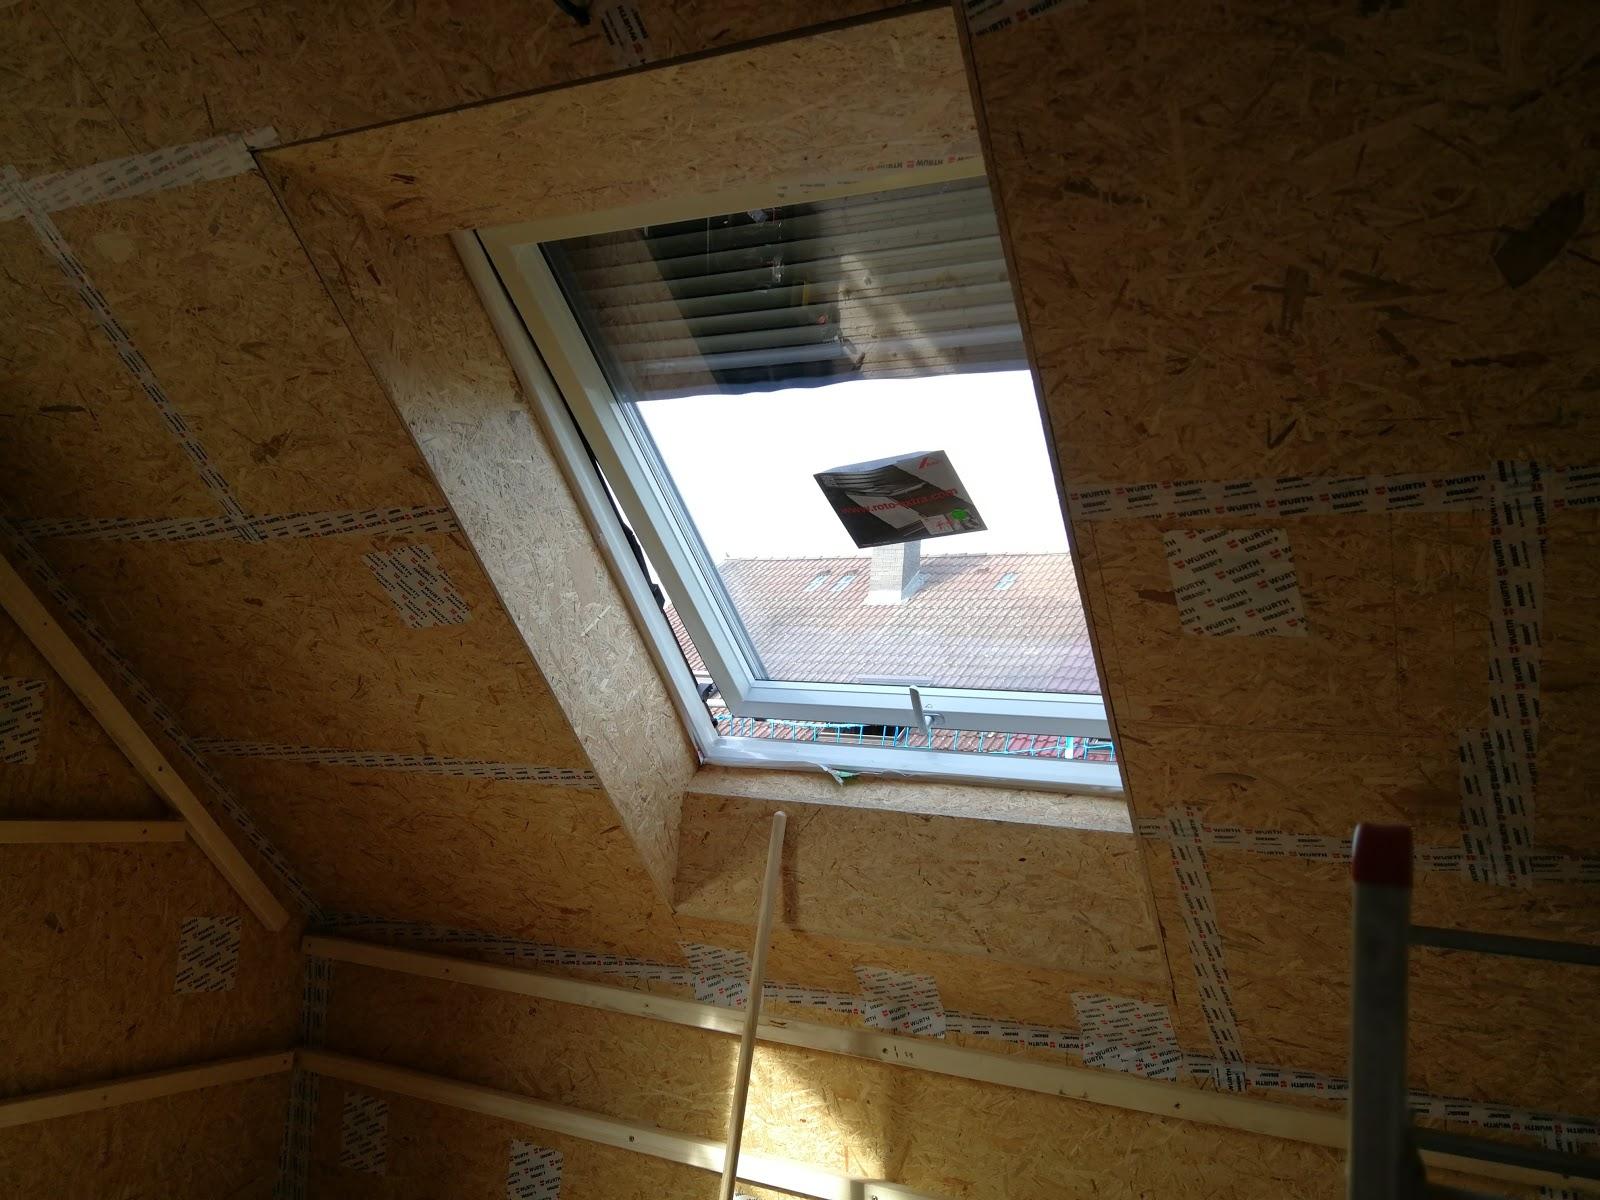 dachfenster innen verkleiden. elegant profile im spitzboden with